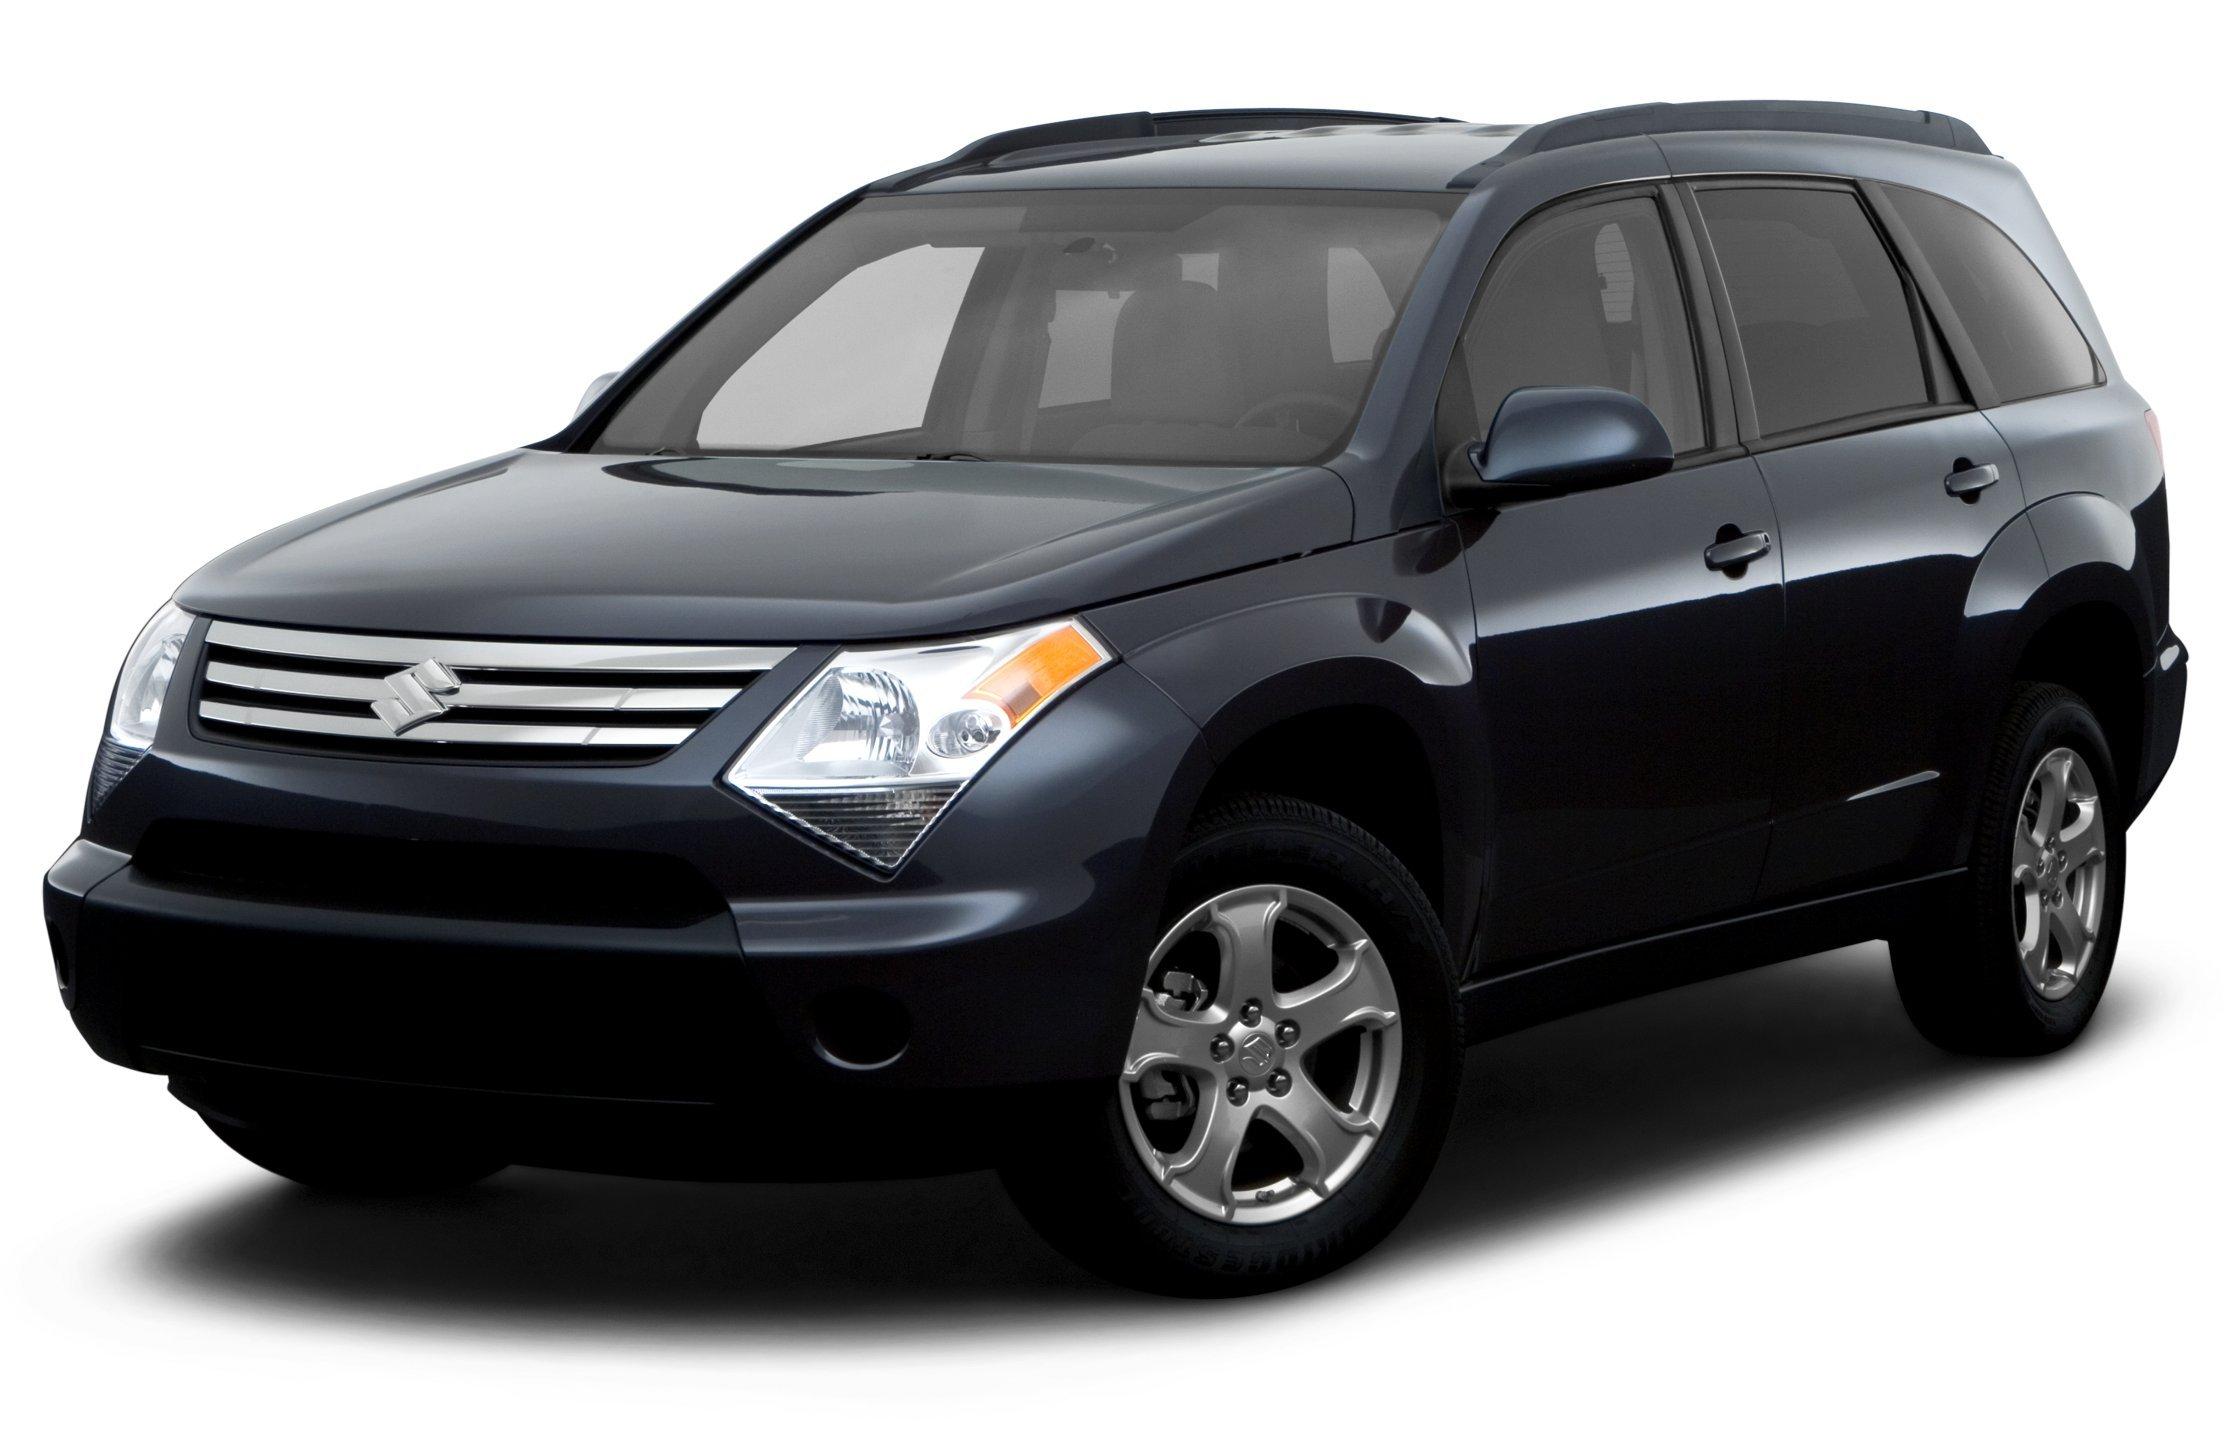 Xl7 2008 Suzuki